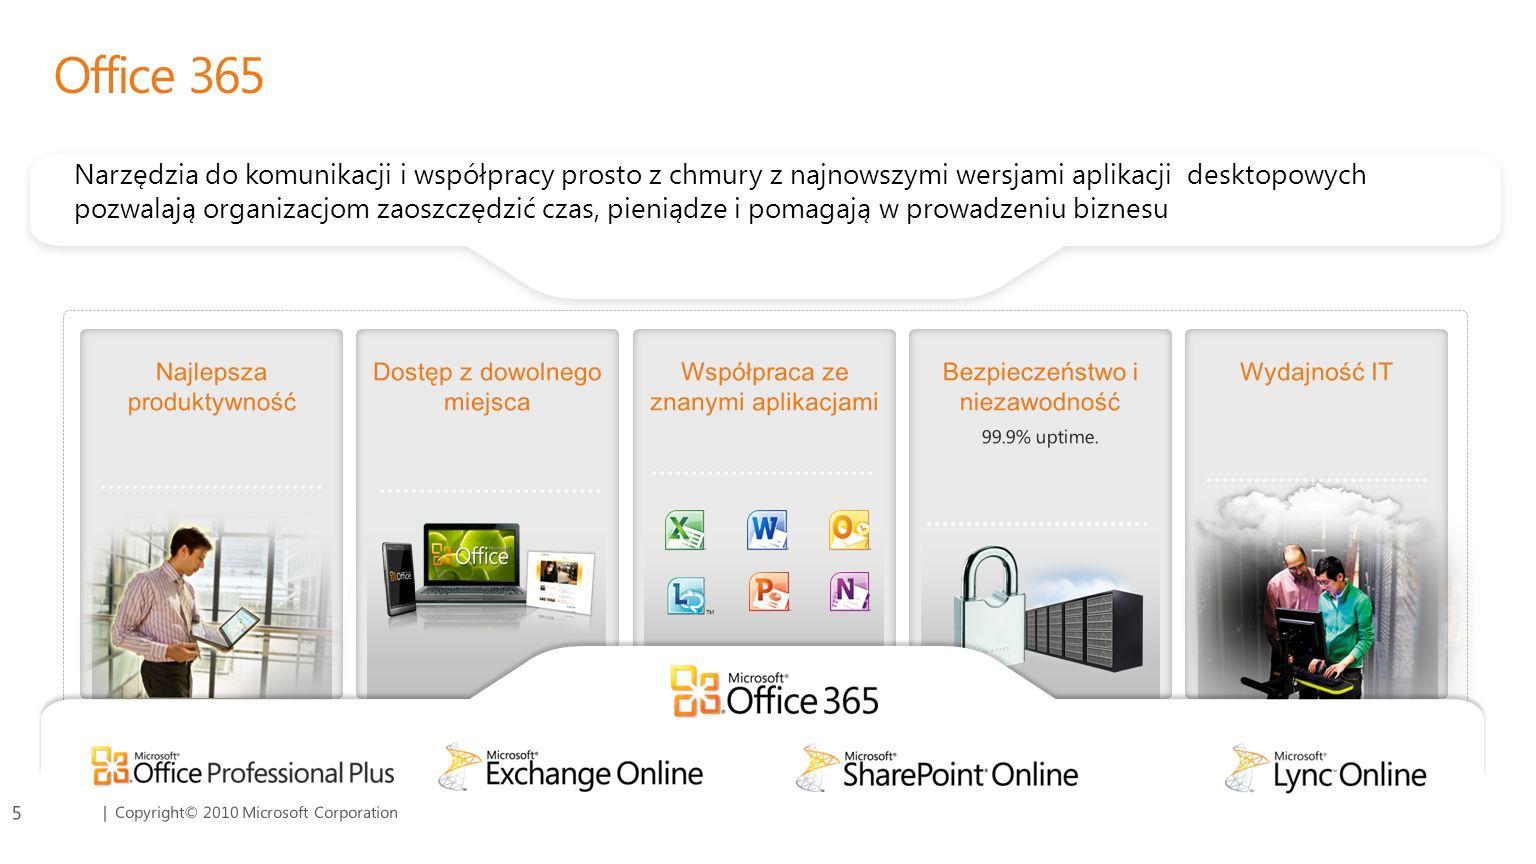   Copyright© 2010 Microsoft Corporation Produktywność z wykorzystaniem Office 365 4